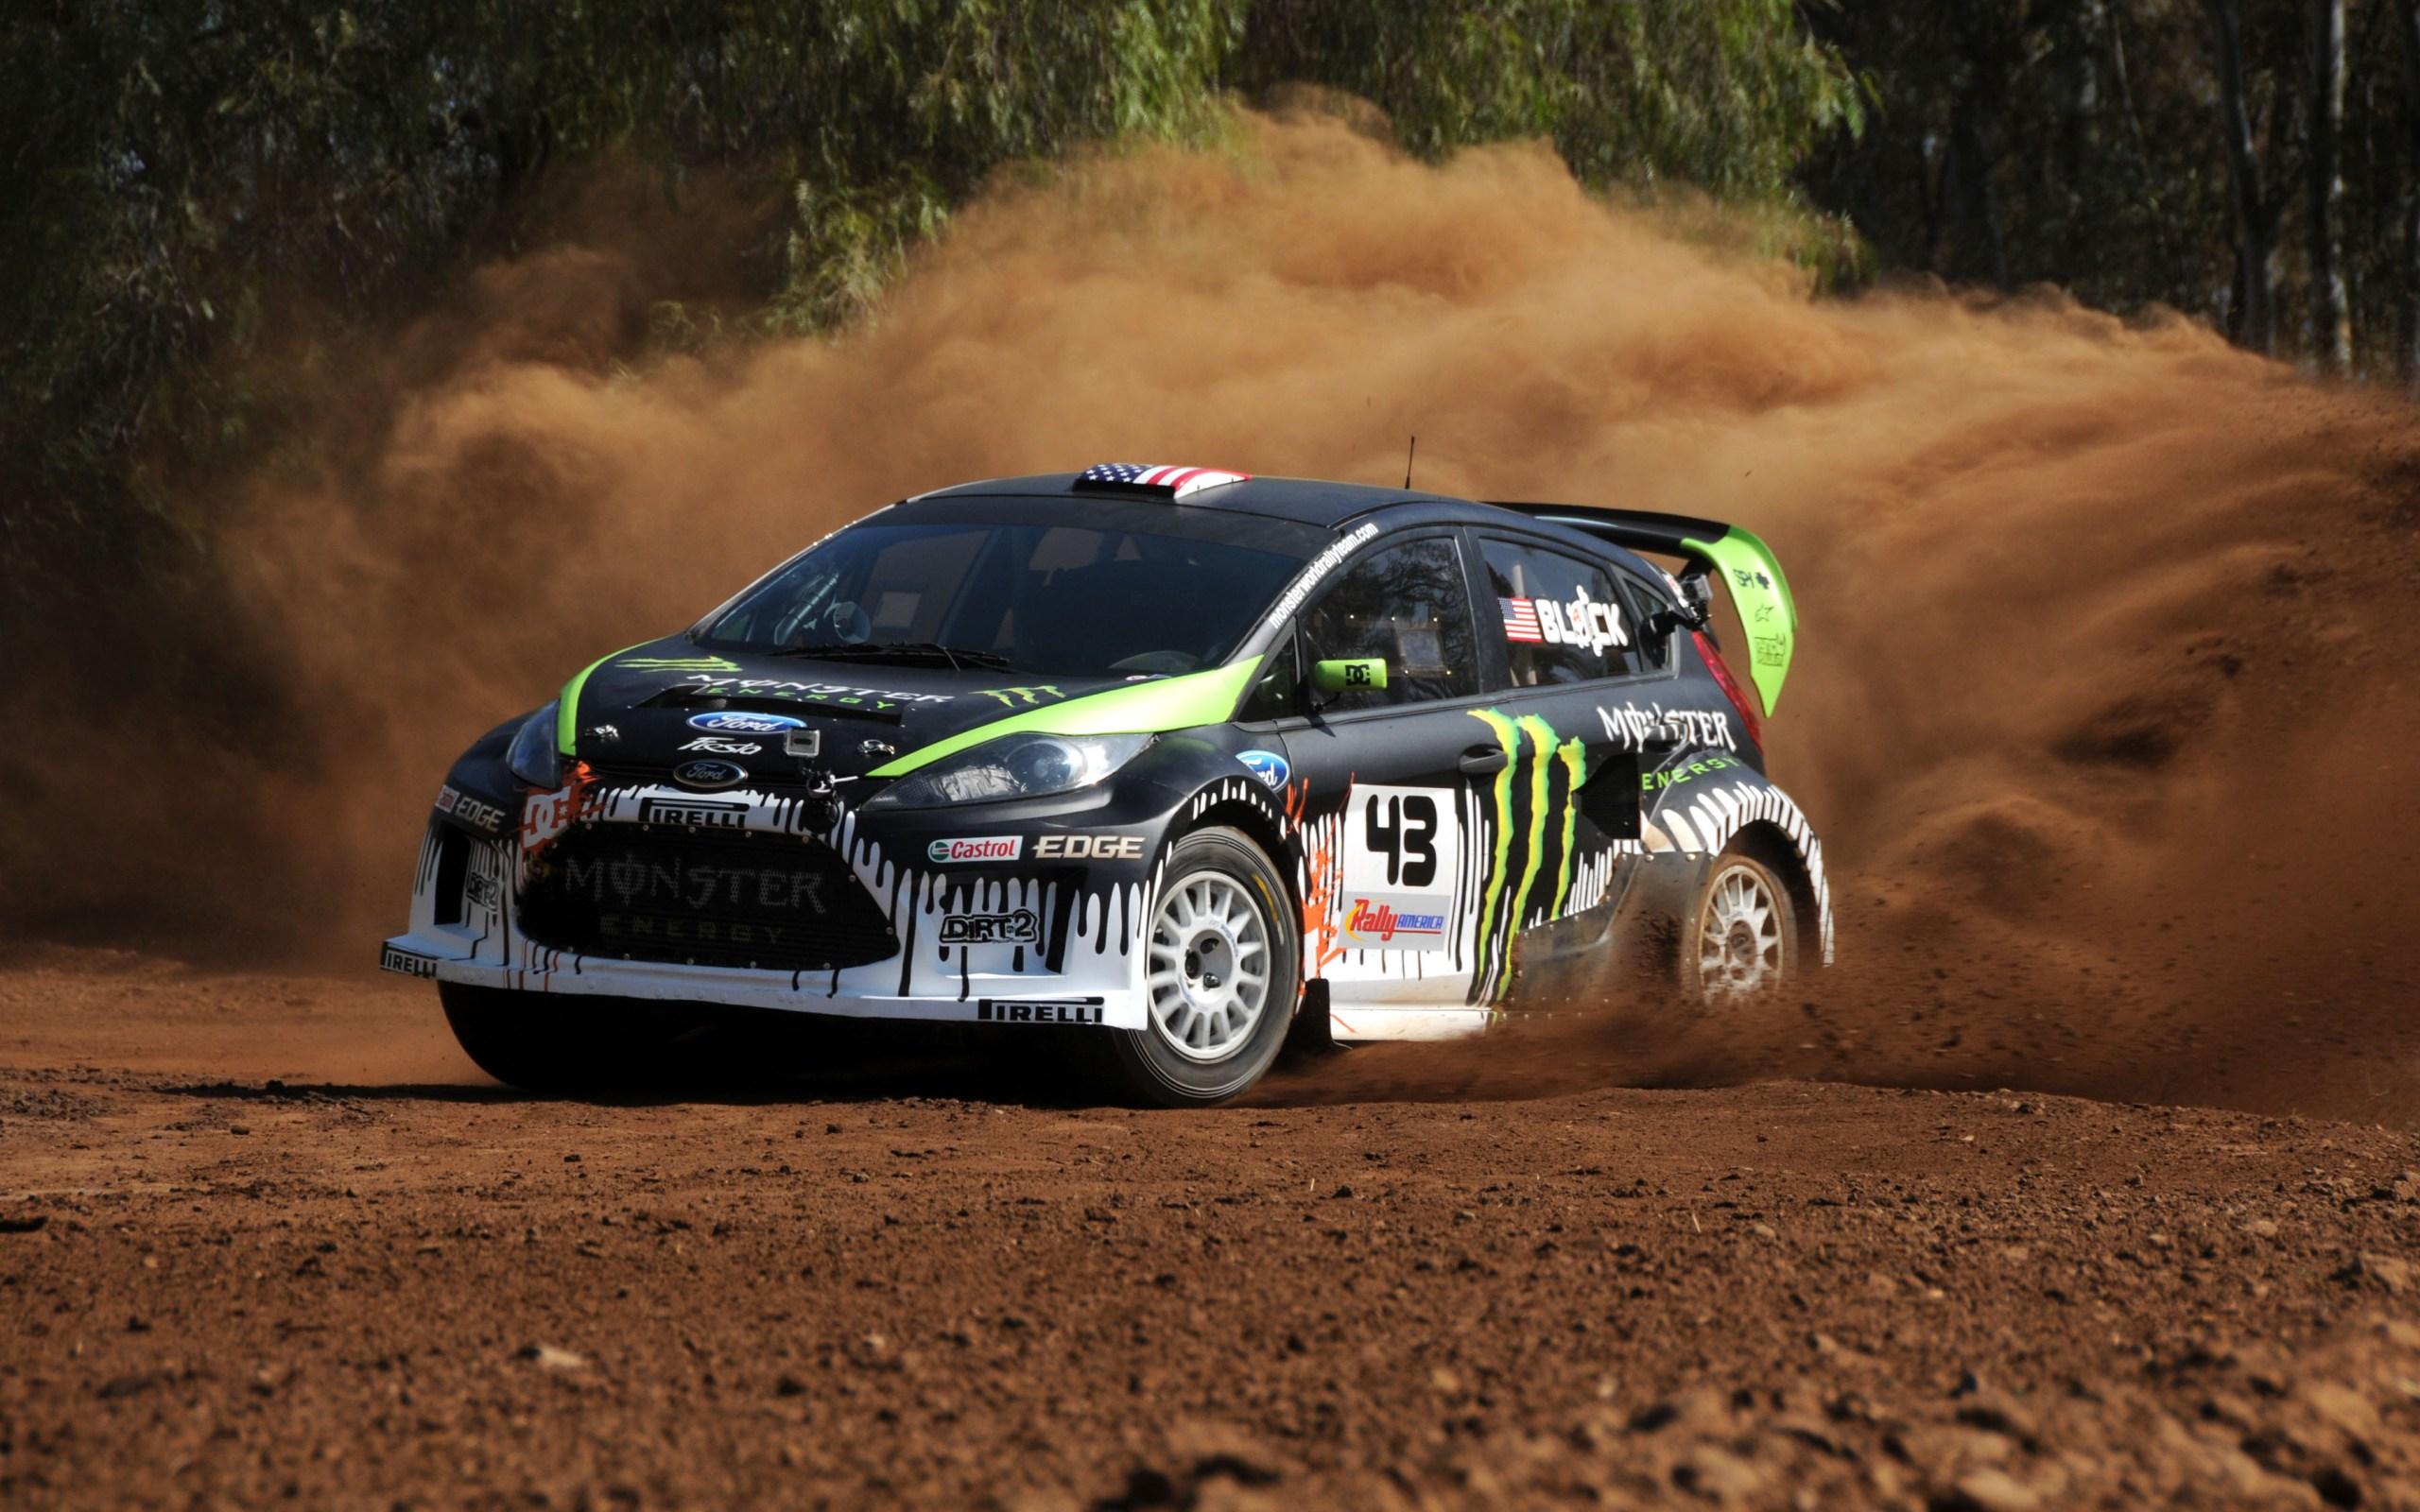 Hd rally car wallpaper wallpapersafari - Safari car wallpaper ...